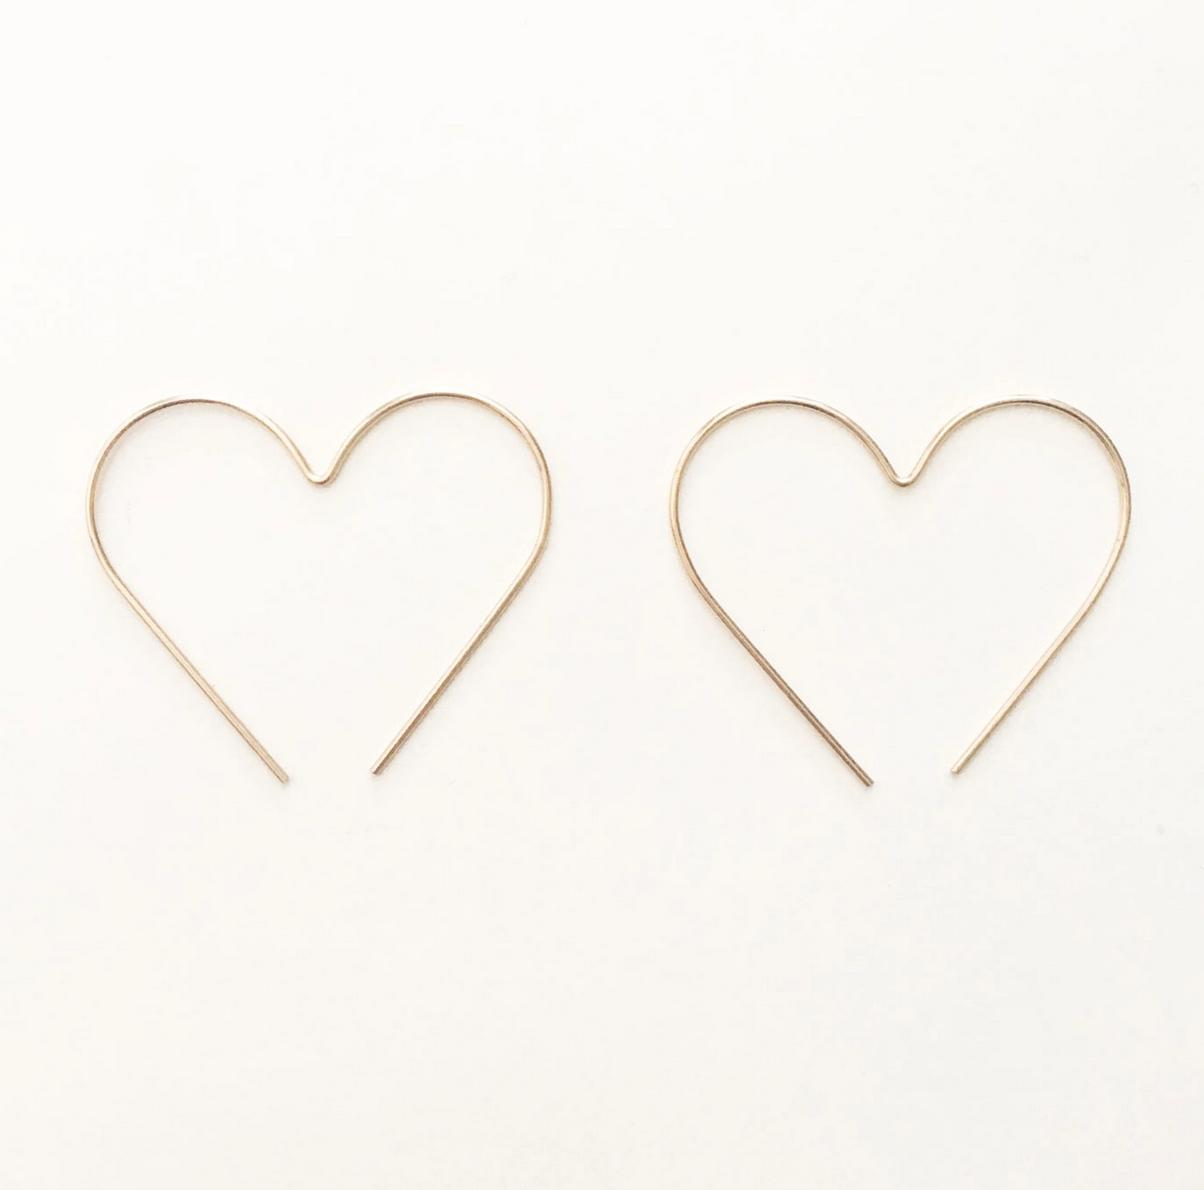 Hooks & Luxe Heart Hoop Earrings- Gold Fill